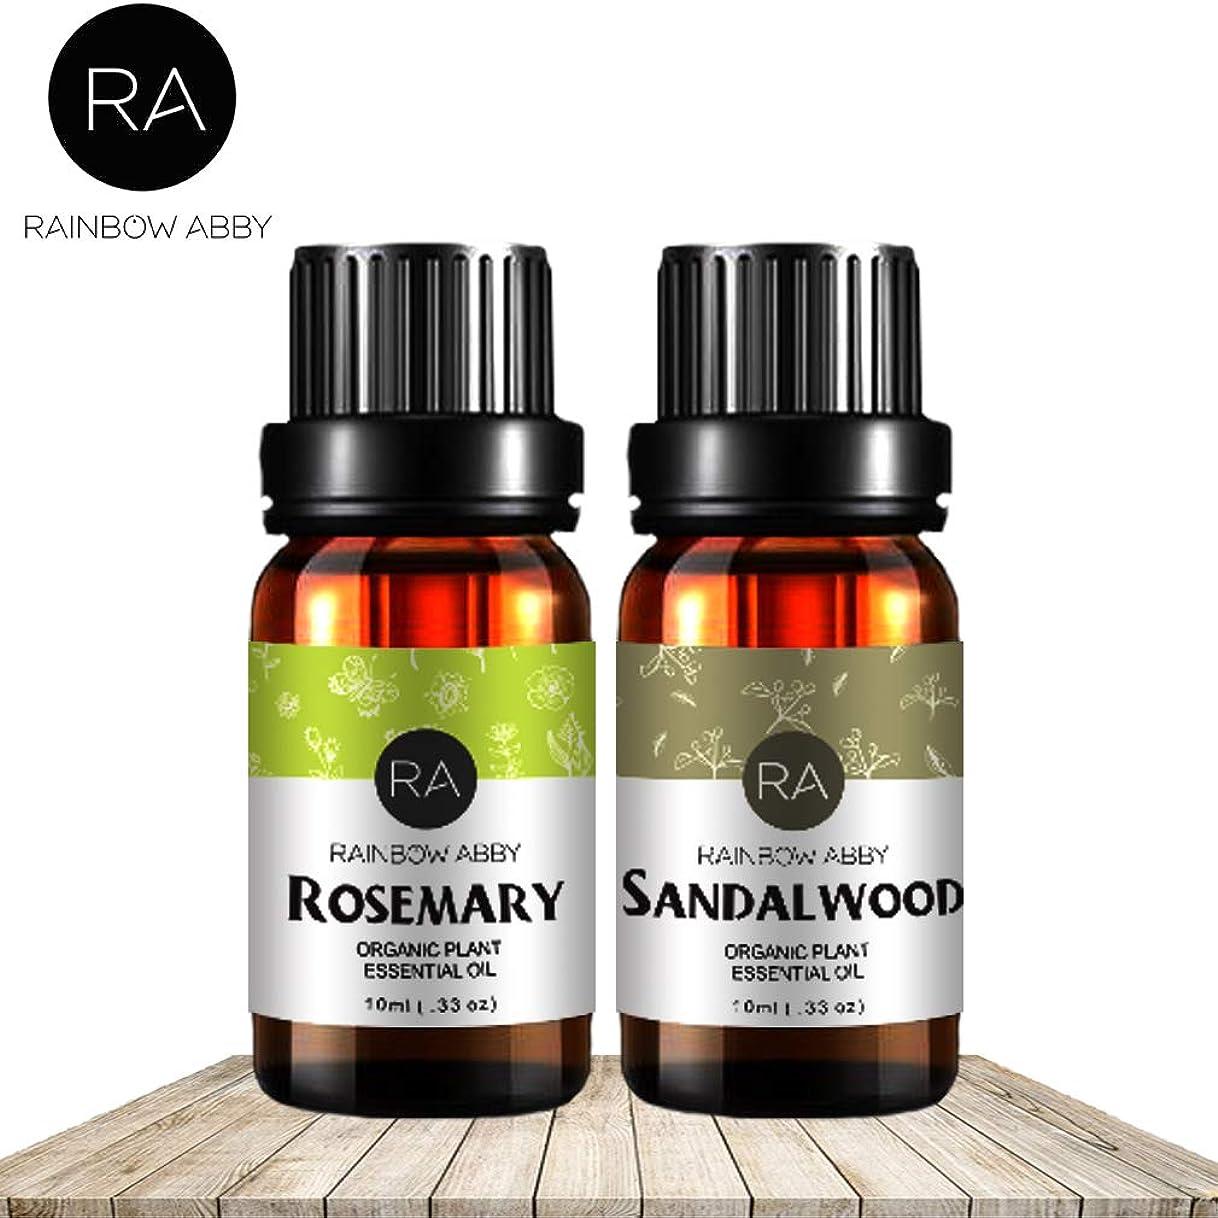 ふつう誇りに思う昆虫RAINBOW ABBY サンダルウッド ローズマリー エッセンシャル オイル セット アロマ 100% 純粋 セラピー 等級油 2/10ml- 2パック